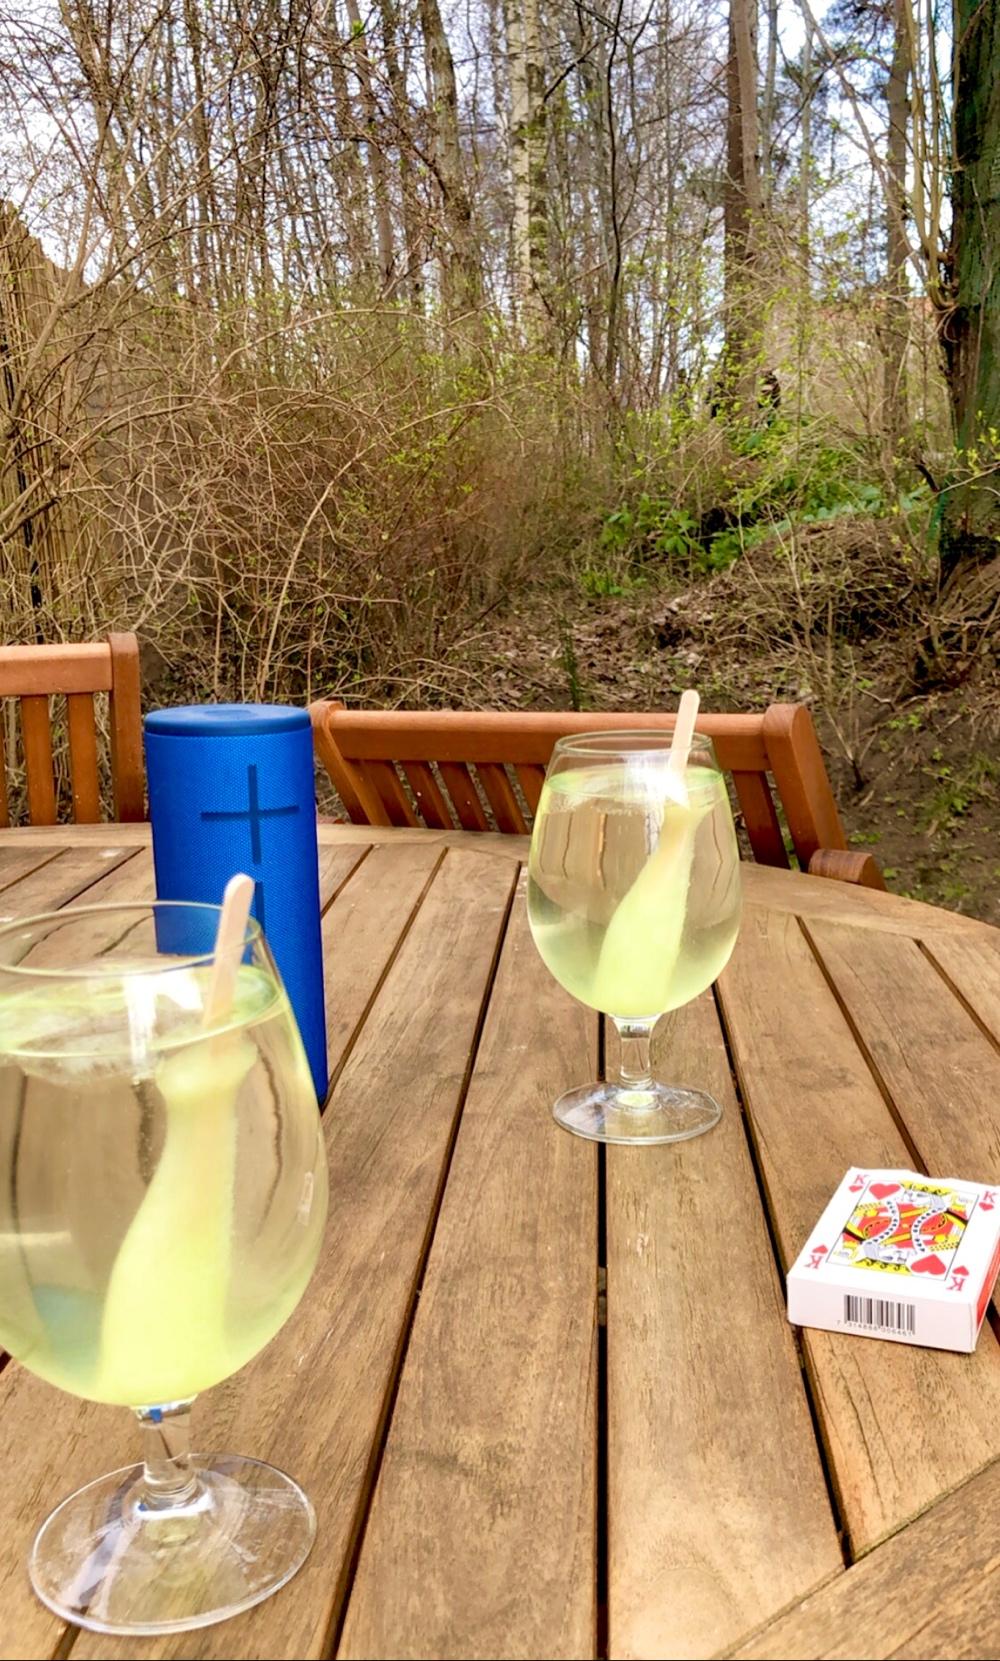 bild på ett utomhus bord med högtalare piggelindrinkar och kort av sebastian thorell